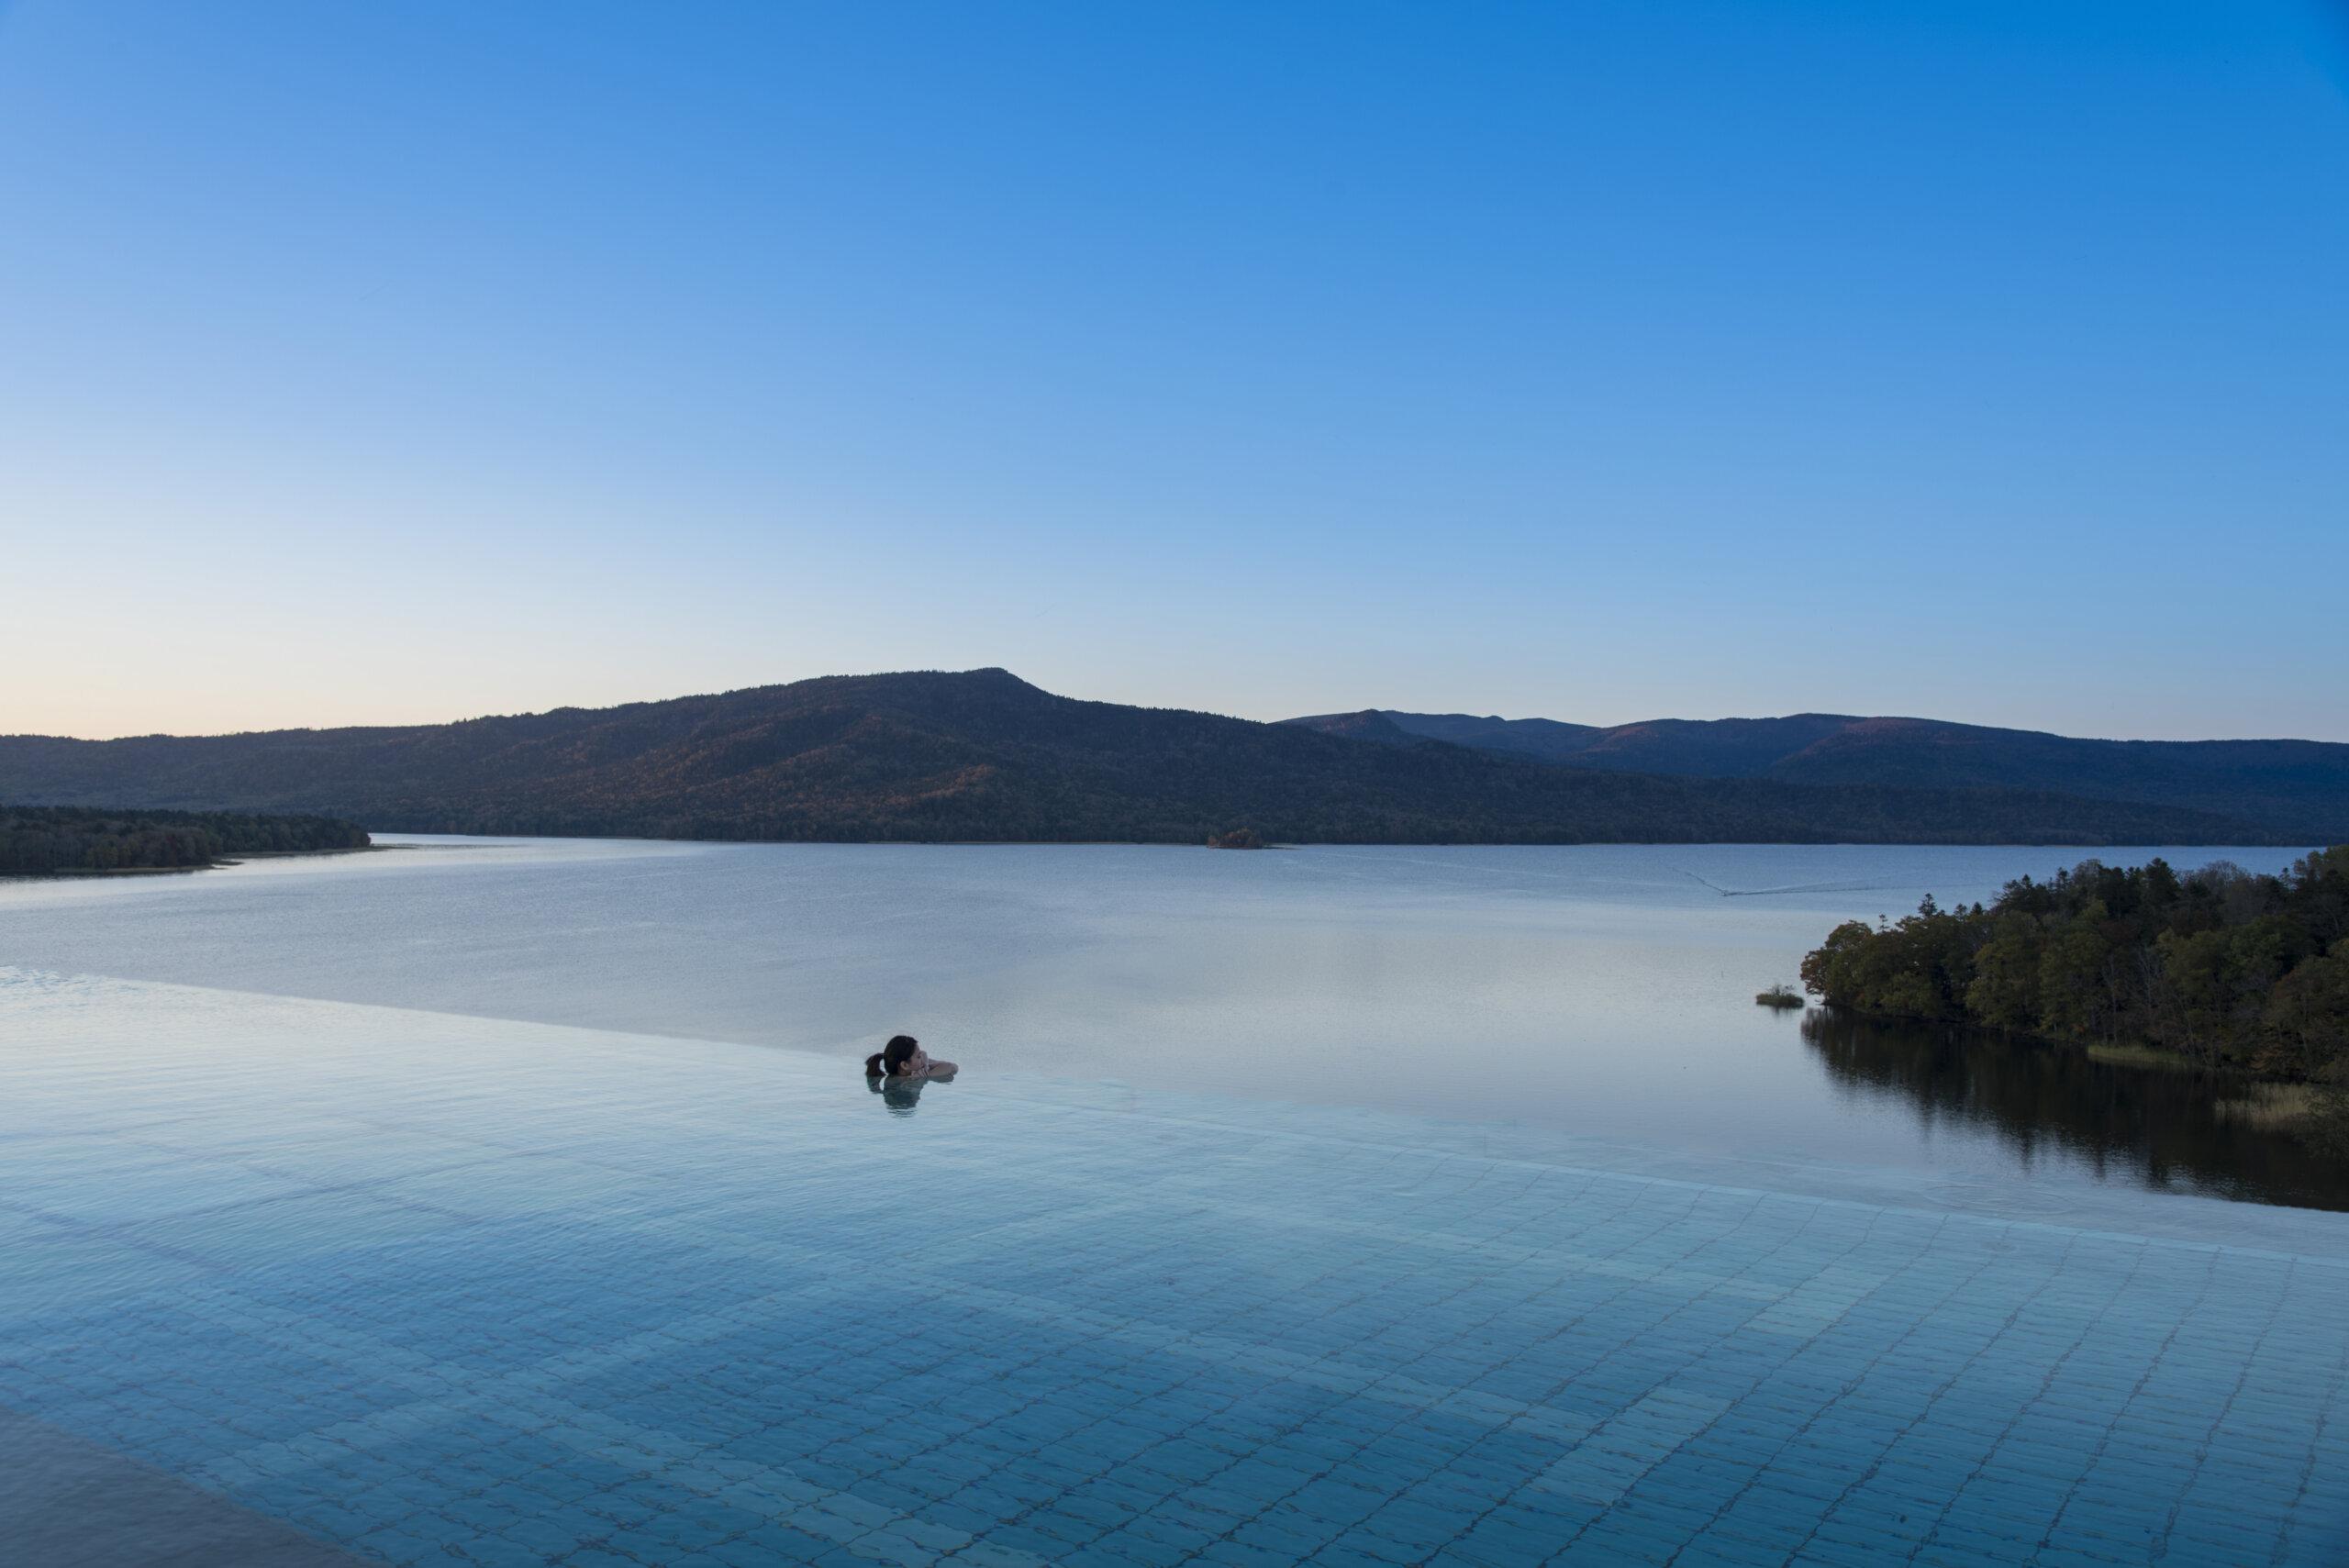 享盡阿寒湖的大自然景觀的溫泉渡假飯店